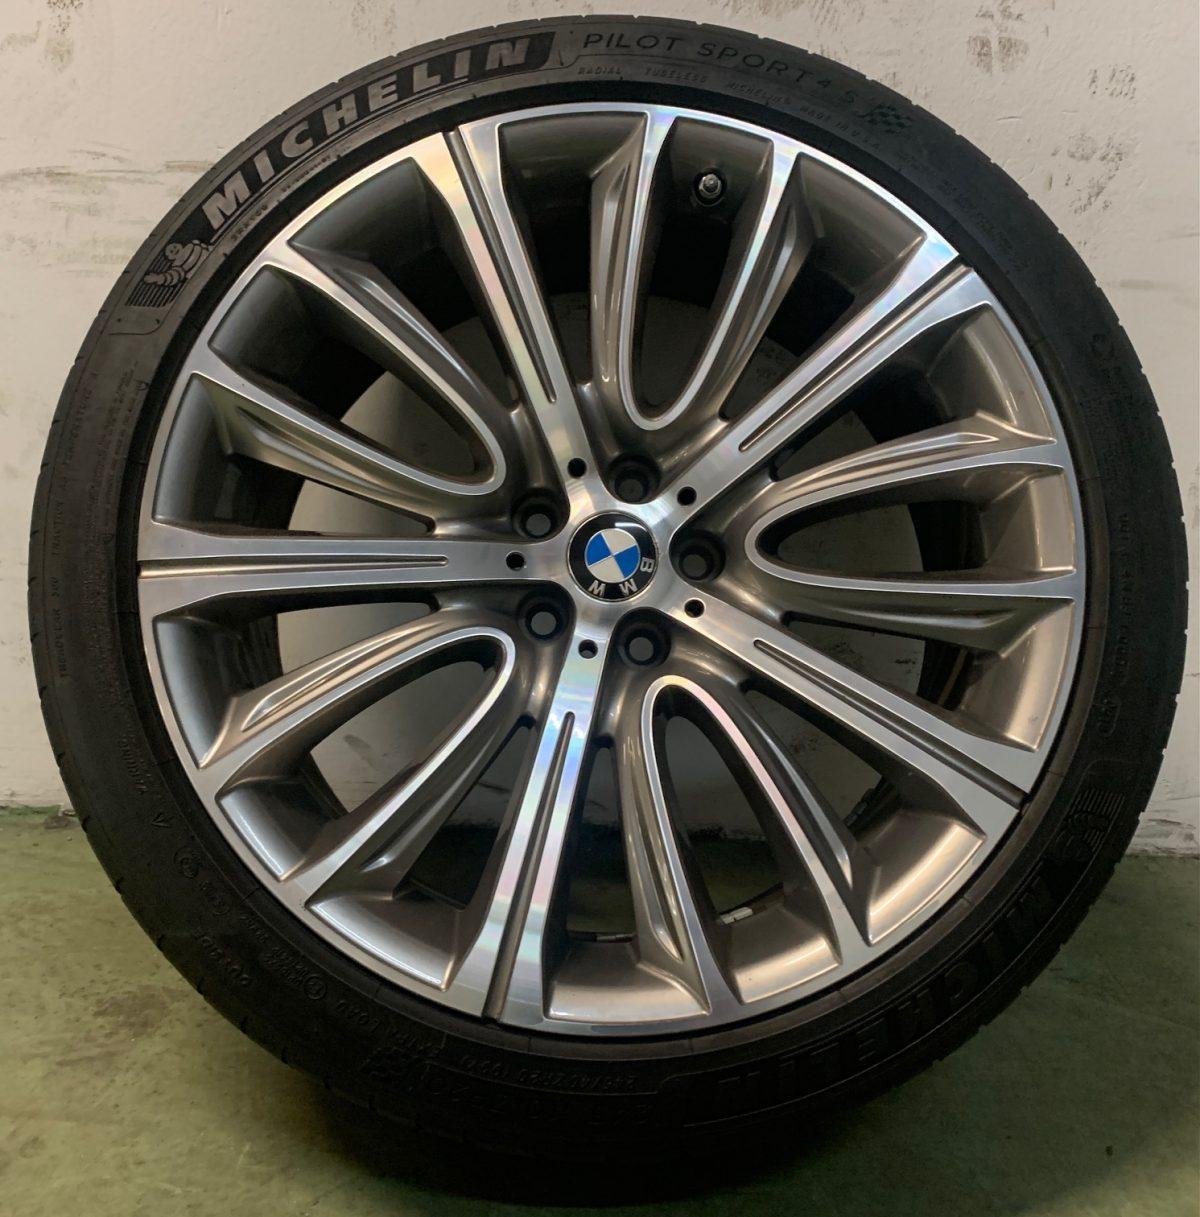 Gyári alufelni BMW G11 (628 Styl) 8,5x20 10x20 5X112 használt nyári garnitúra! Michelin gumikkal,nyomásszenzorral 1